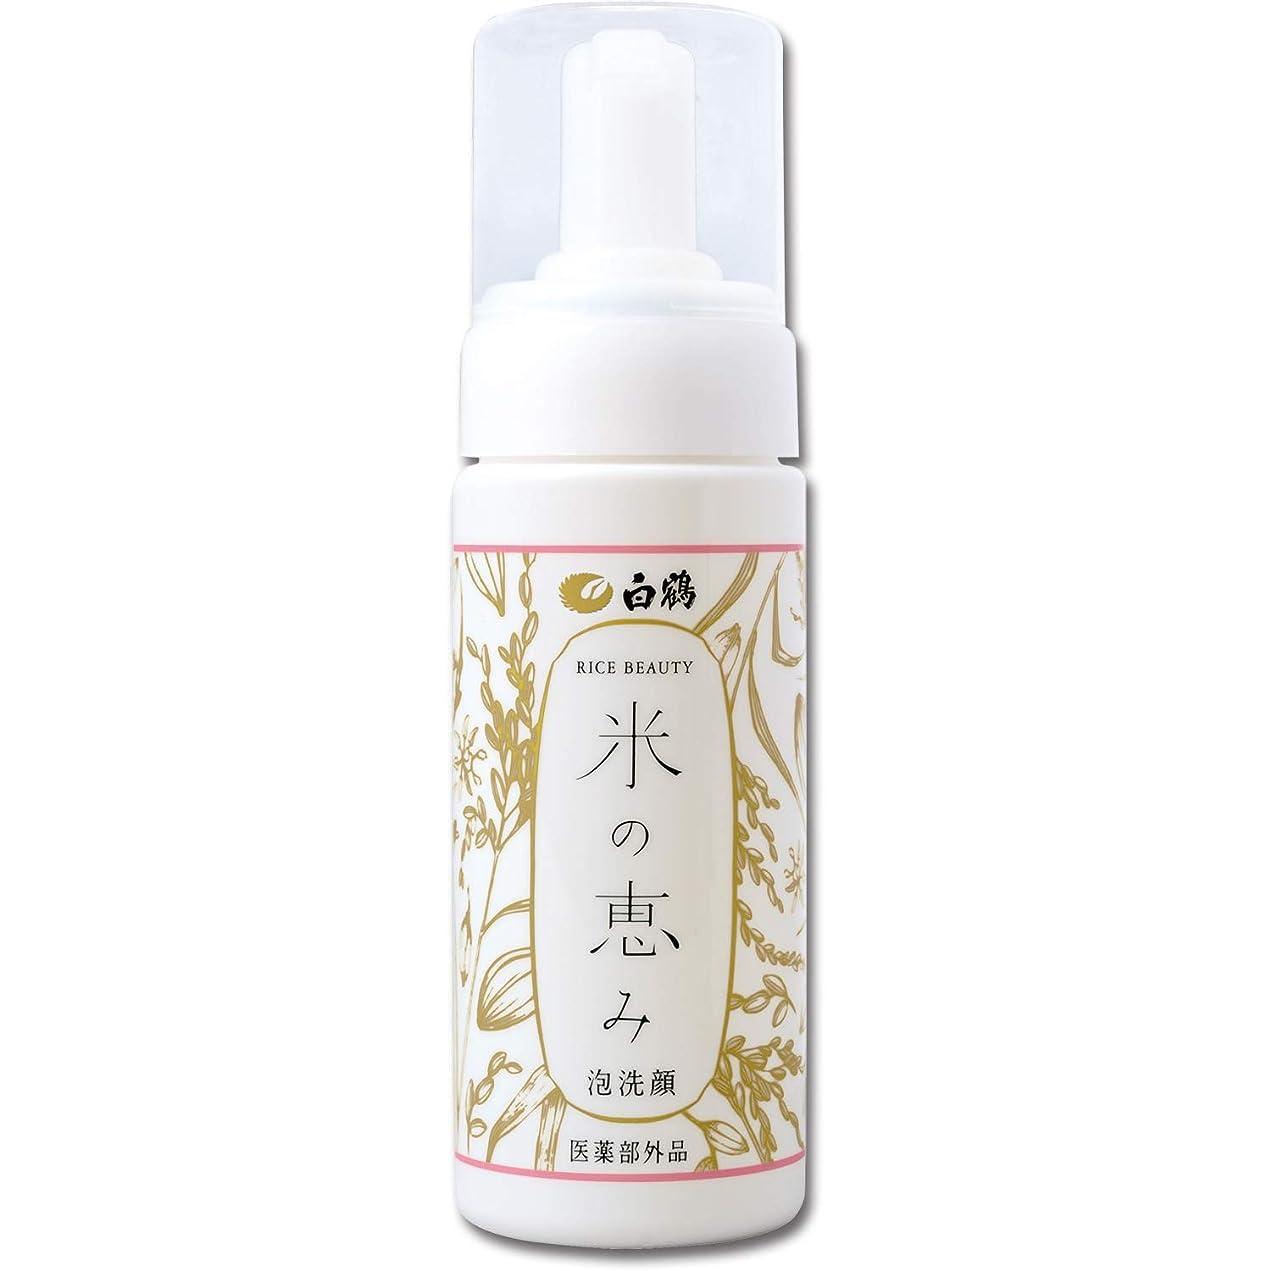 クッション中間岸白鶴 ライスビューティー 米の恵み 泡洗顔 150ml (医薬部外品)